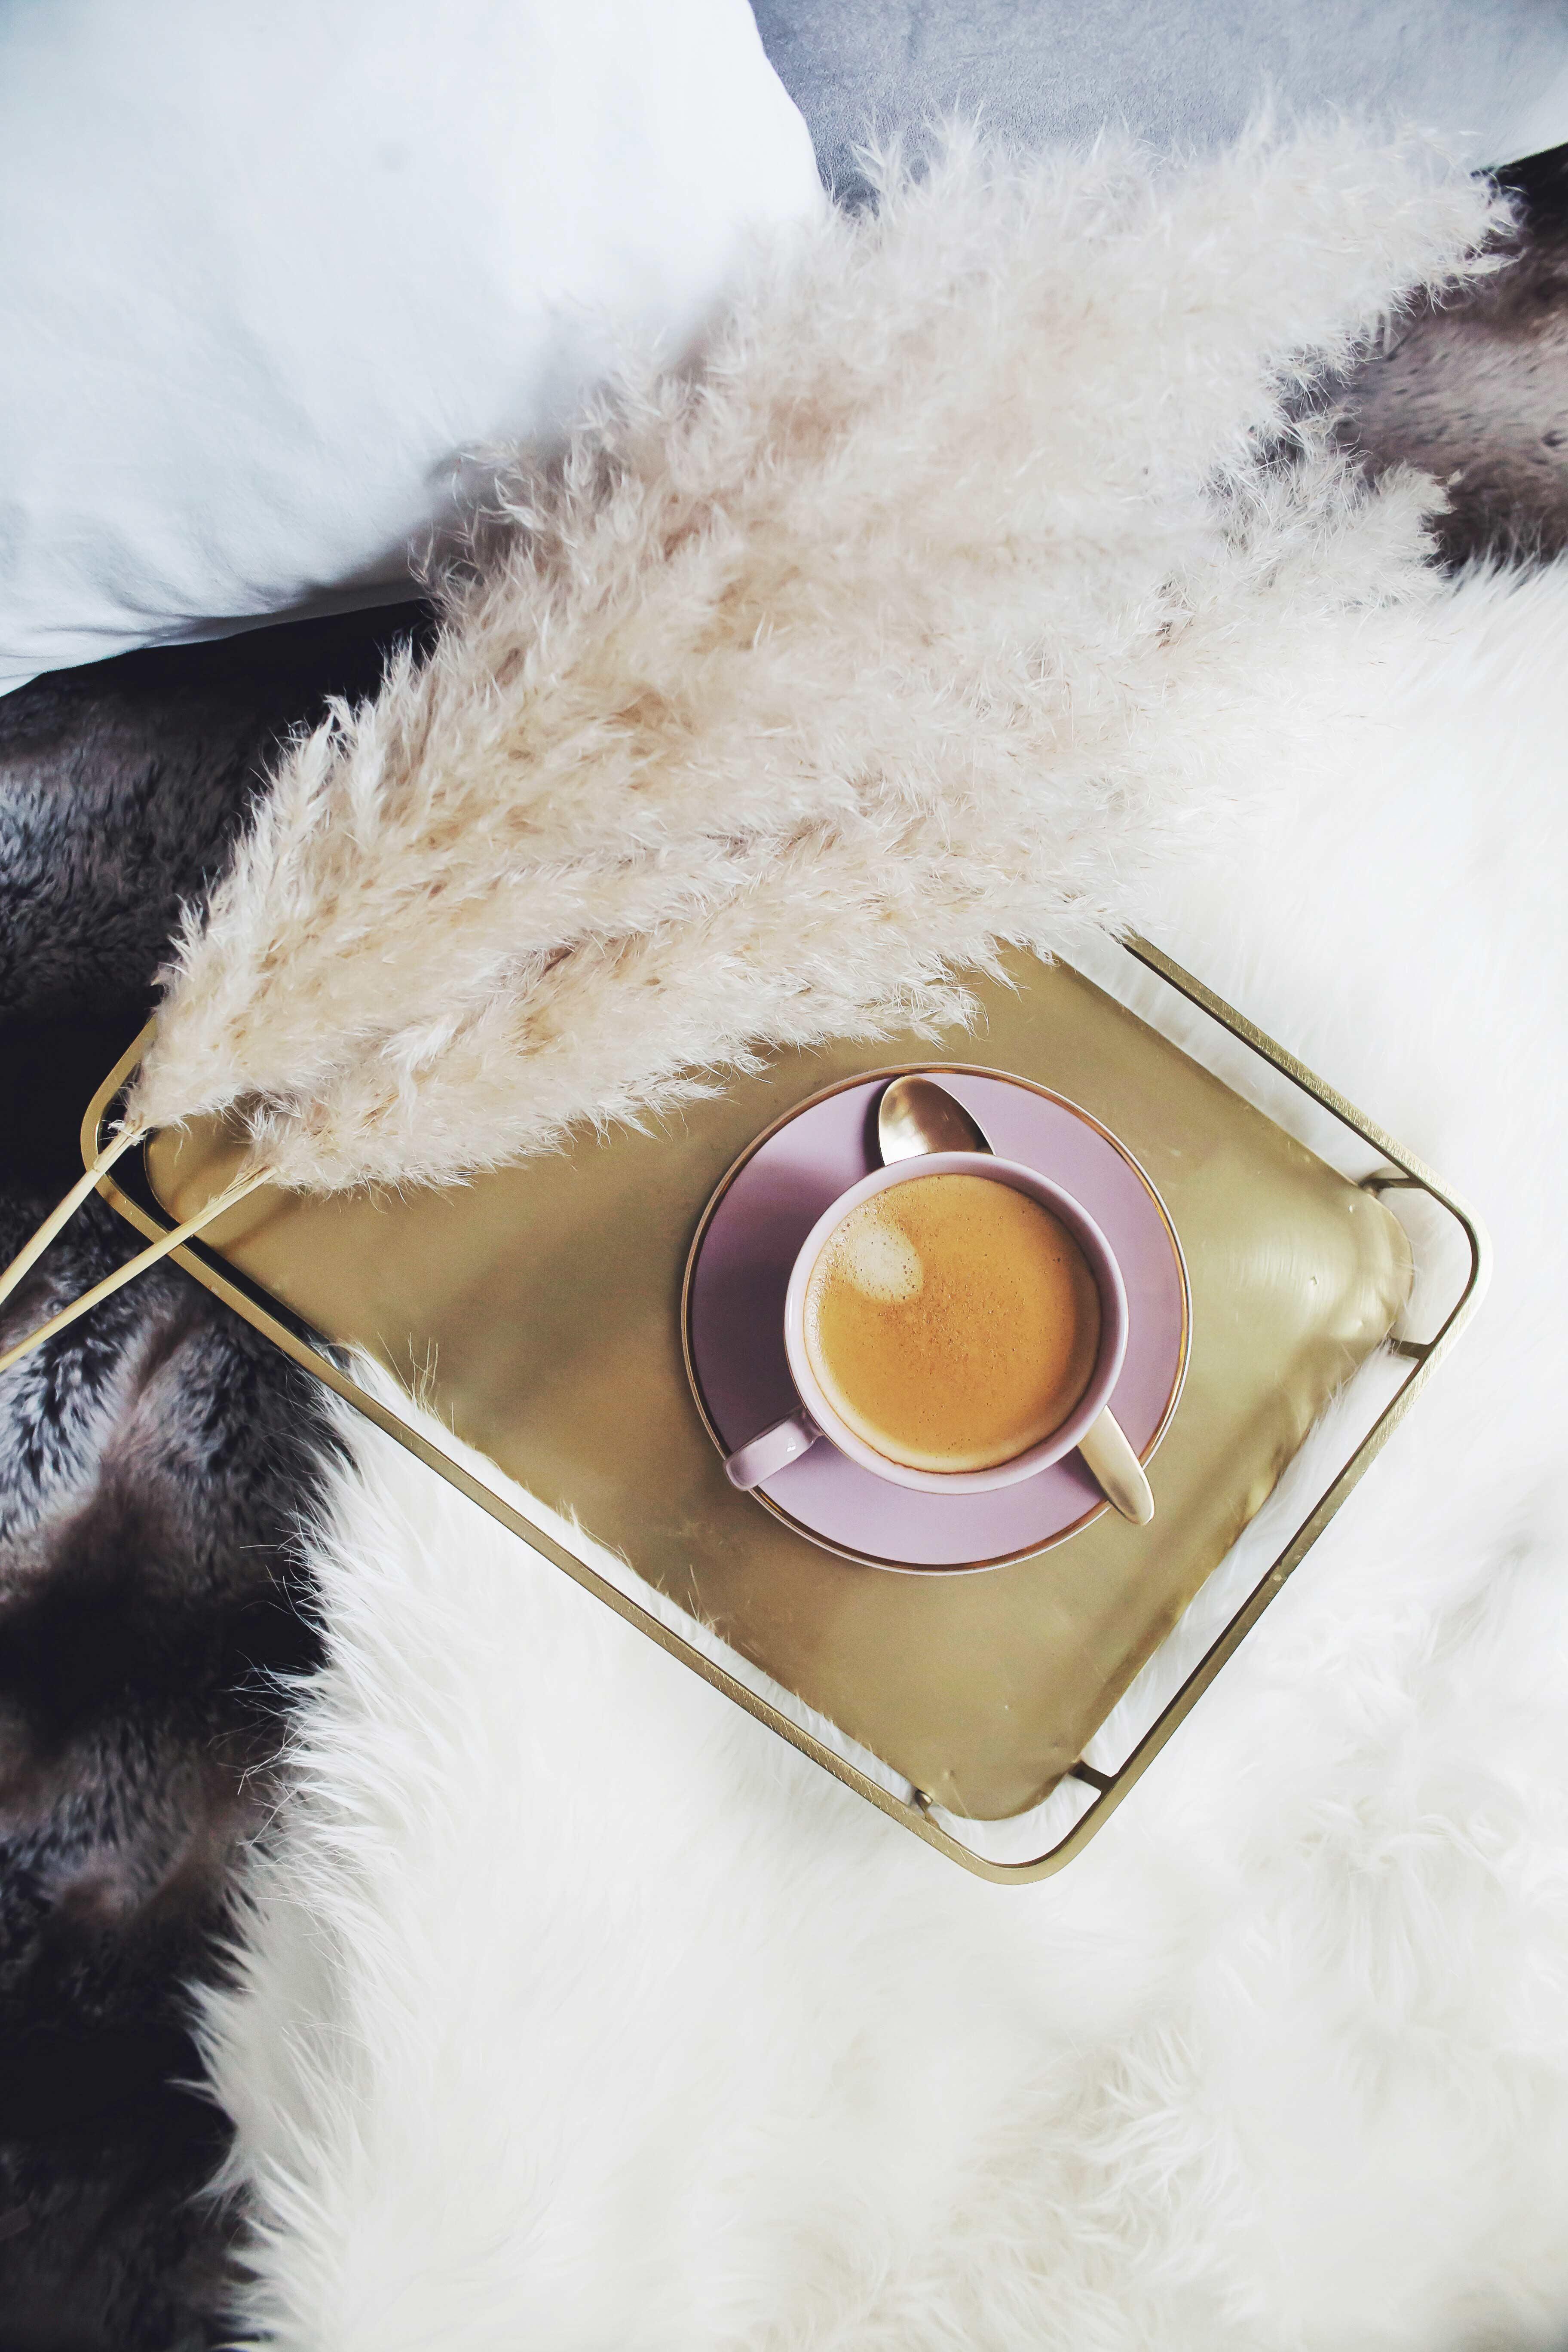 kaffee_herbstdekoration_fltalay_instagram_zukkerme